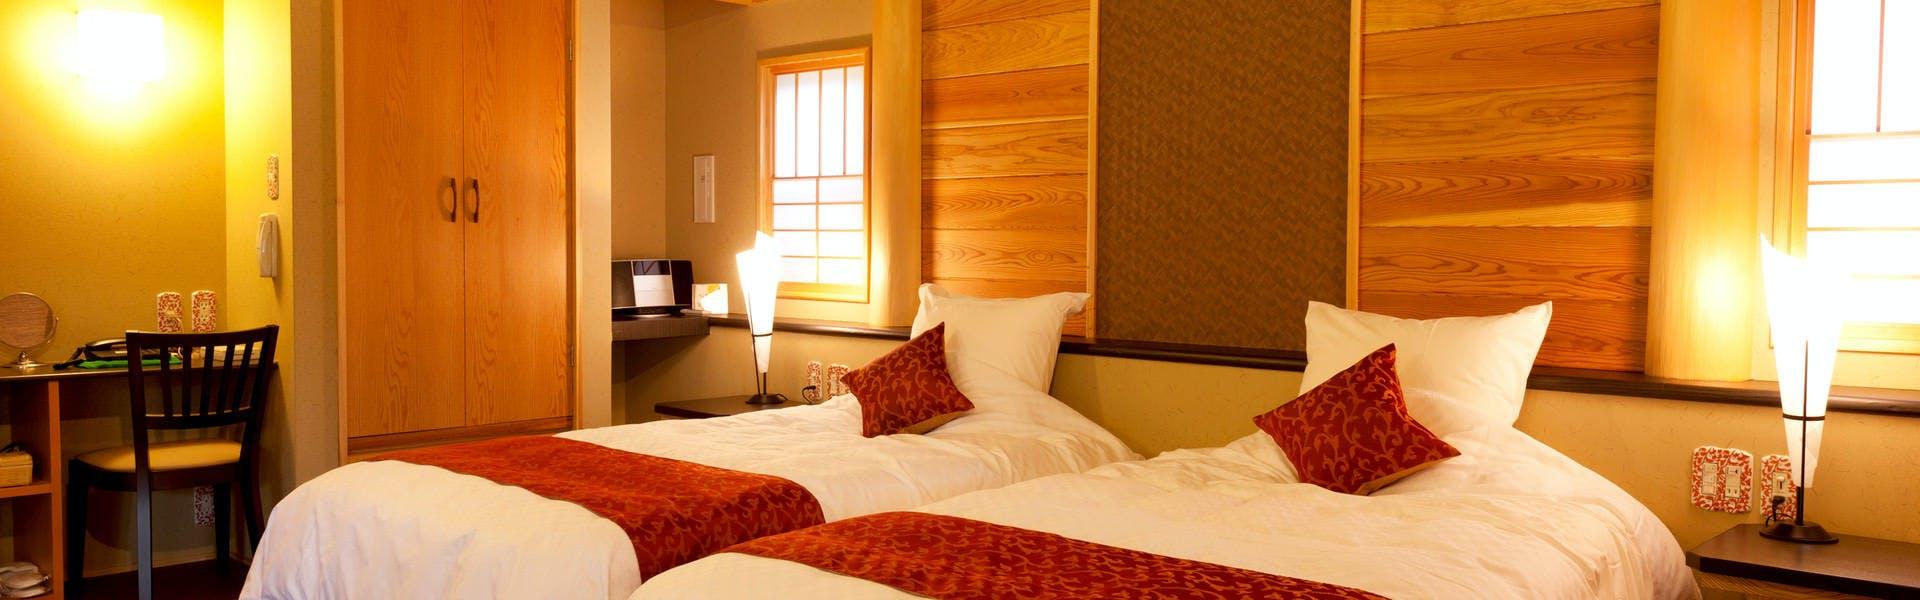 記念日におすすめのホテル・旅館 神仙の写真3